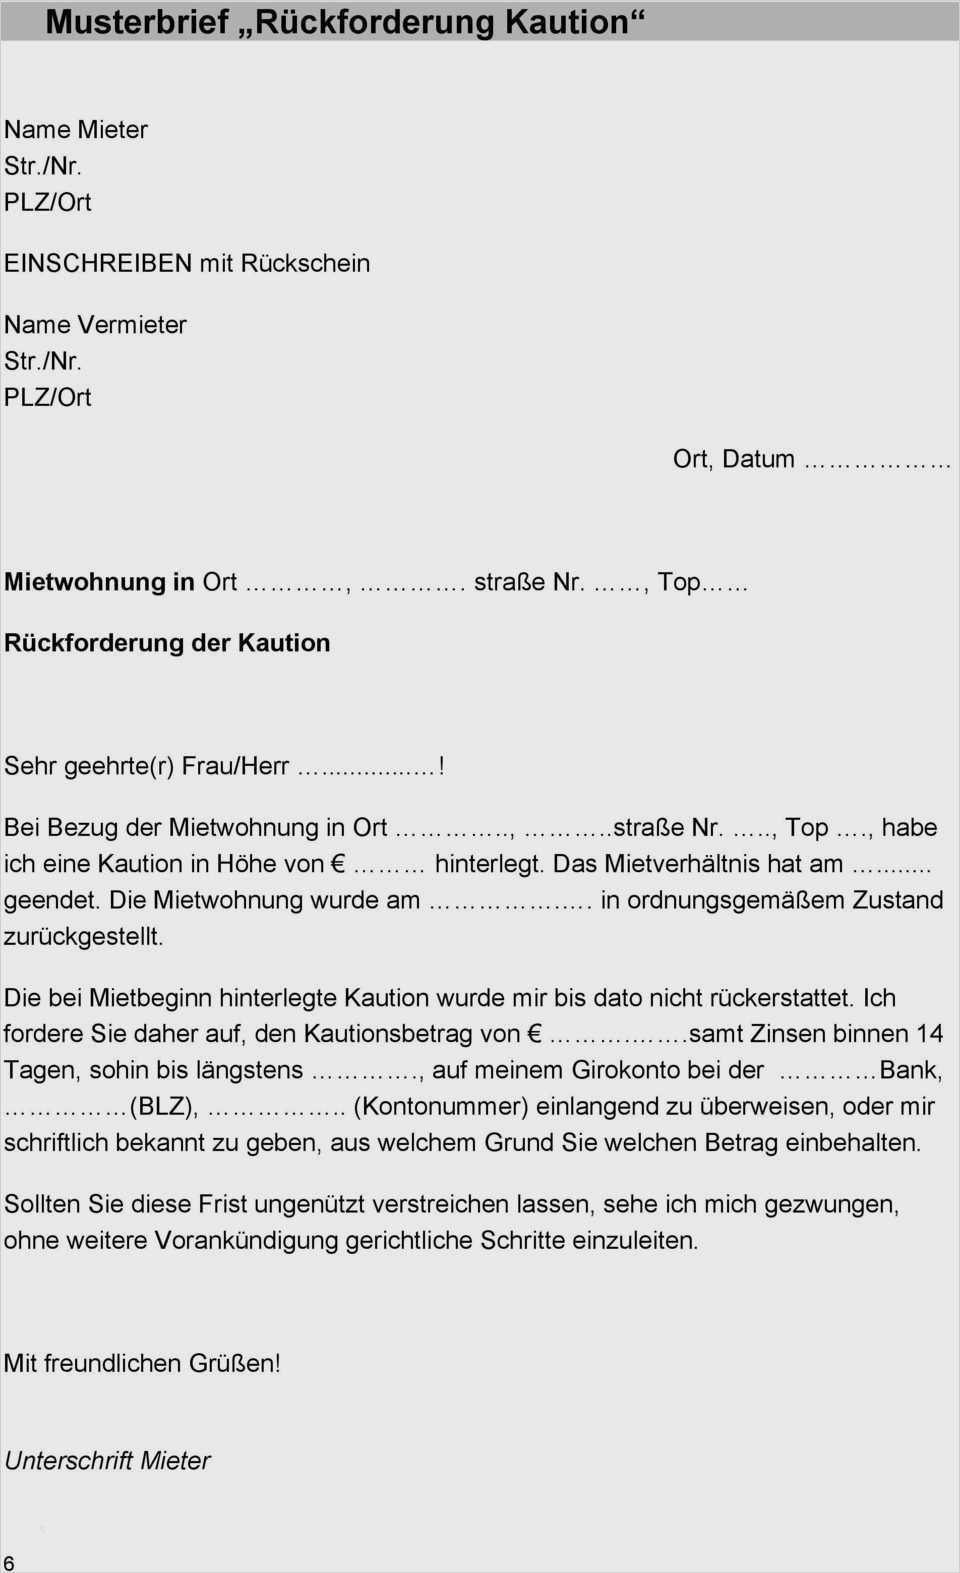 Musterbrief Eigentumerwechsel Mietobjekt 6